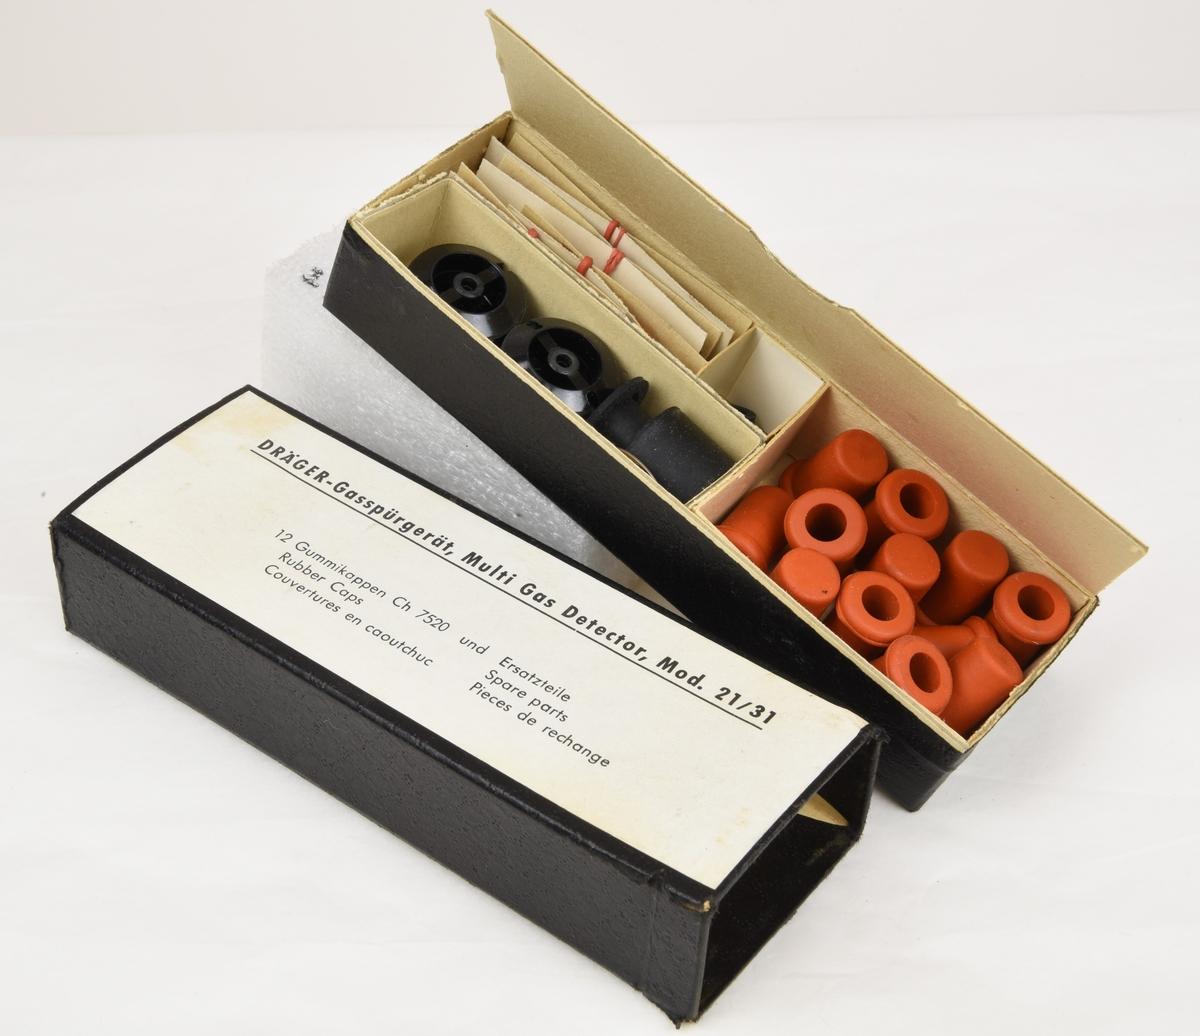 En handhållen gasdetektor, med tillhörande utrustning, som användes för att upptäcka farlig gas och kemiska stridsmedel.  Utrustningen förvaras i en plåtlåda (Jvm21347:1) som är lackerad med grön hammarlack.   Plåtlådan innehåller:  Gasdetektor (:2) av grå plast och vars mittendel täcks av en svart gummibälg. Den förvaras i ett svart fodral med dragkedja, fodralet är troligen gjort av vinyl (:3). En obruten förpackning (:4) gjord av hårdplast, den innehåller 10 stycken glasrör med klorin. Vid användning monterades dessa glasrör med klorin på gasdetektorn och om det var gas i luften var tanken att glasrörens innehåll skulle bli missfärgat. En svart kartongförpackning (:5) med en vit etikett som innehåller reservdelar till gasdetektorn. En bruksanvisning (:6) för Gasspügerät, Multi gas detector, Mod 21/31 DBP. Skriven på tyska. En häftad tabell (:7) med data om gasers fysikaliska samt giftiga egenskaper. Skriven på tyska. En enkelspårig skruvmejsel med ett handtag som är gjord av gul genomskinlig plast.